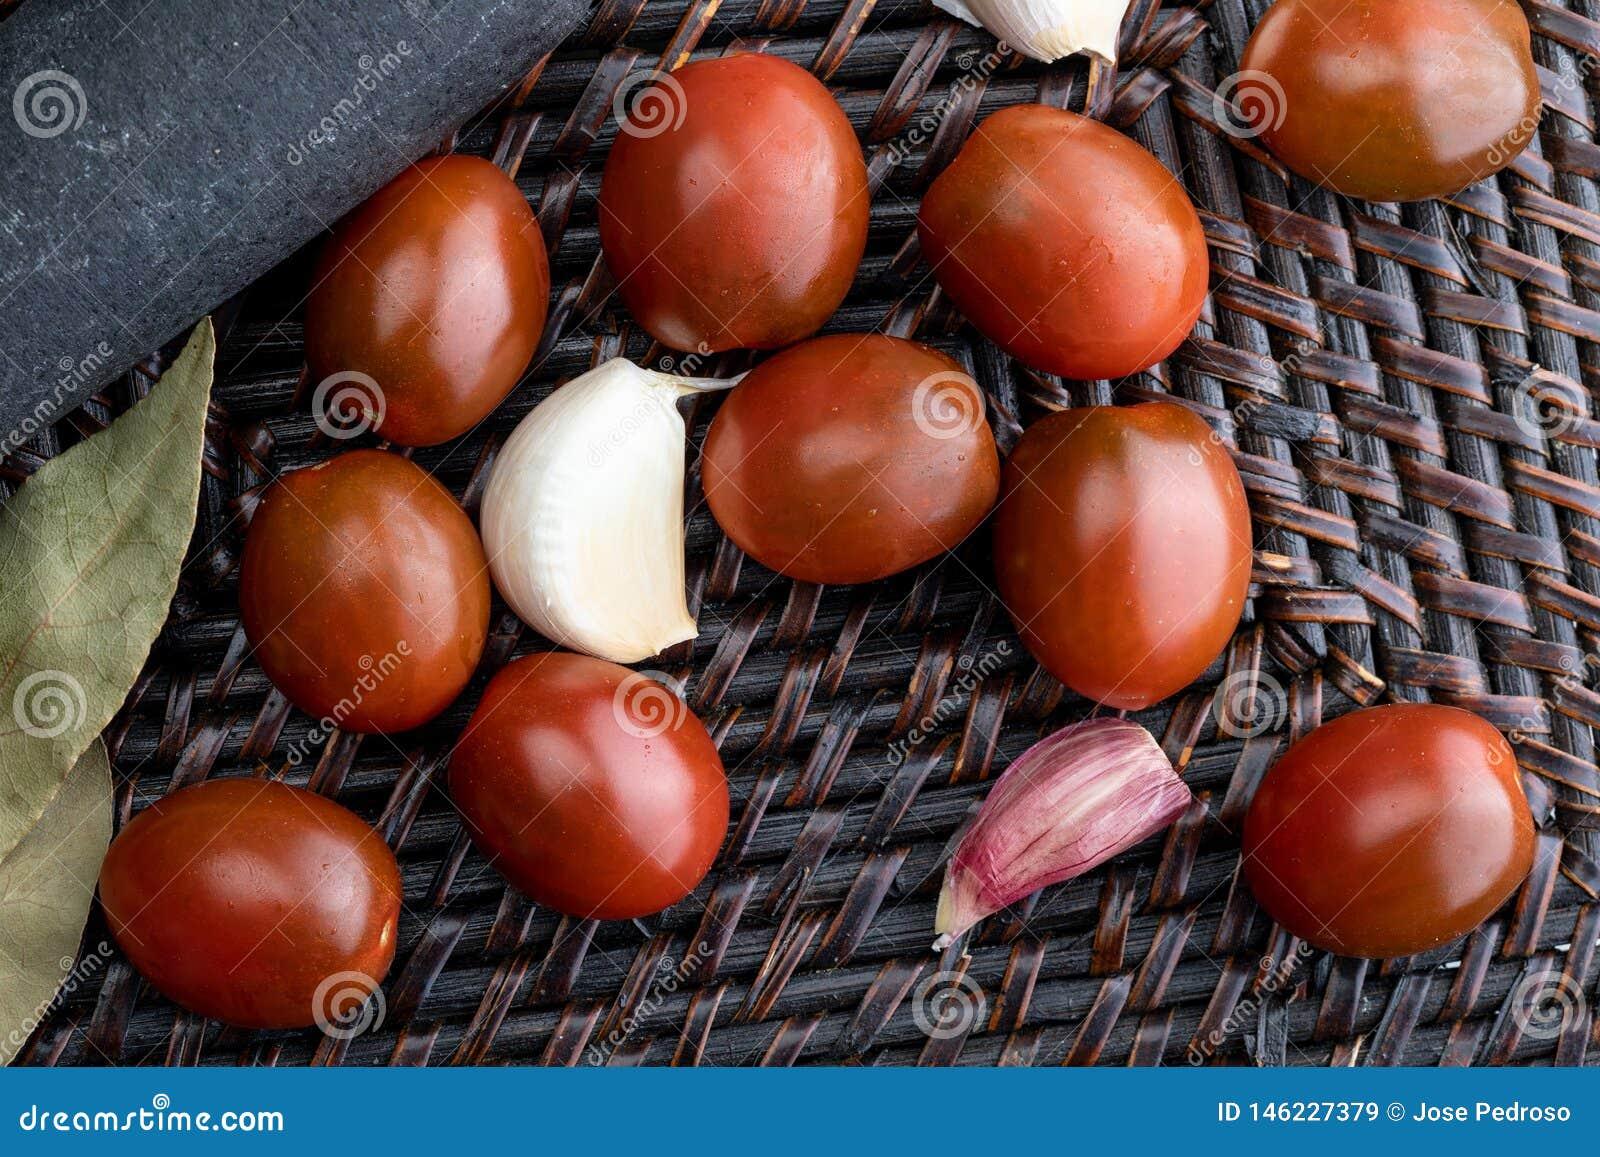 Kirsch-Tomaten Mini-Kumato, Knoblauch und Lorbeer